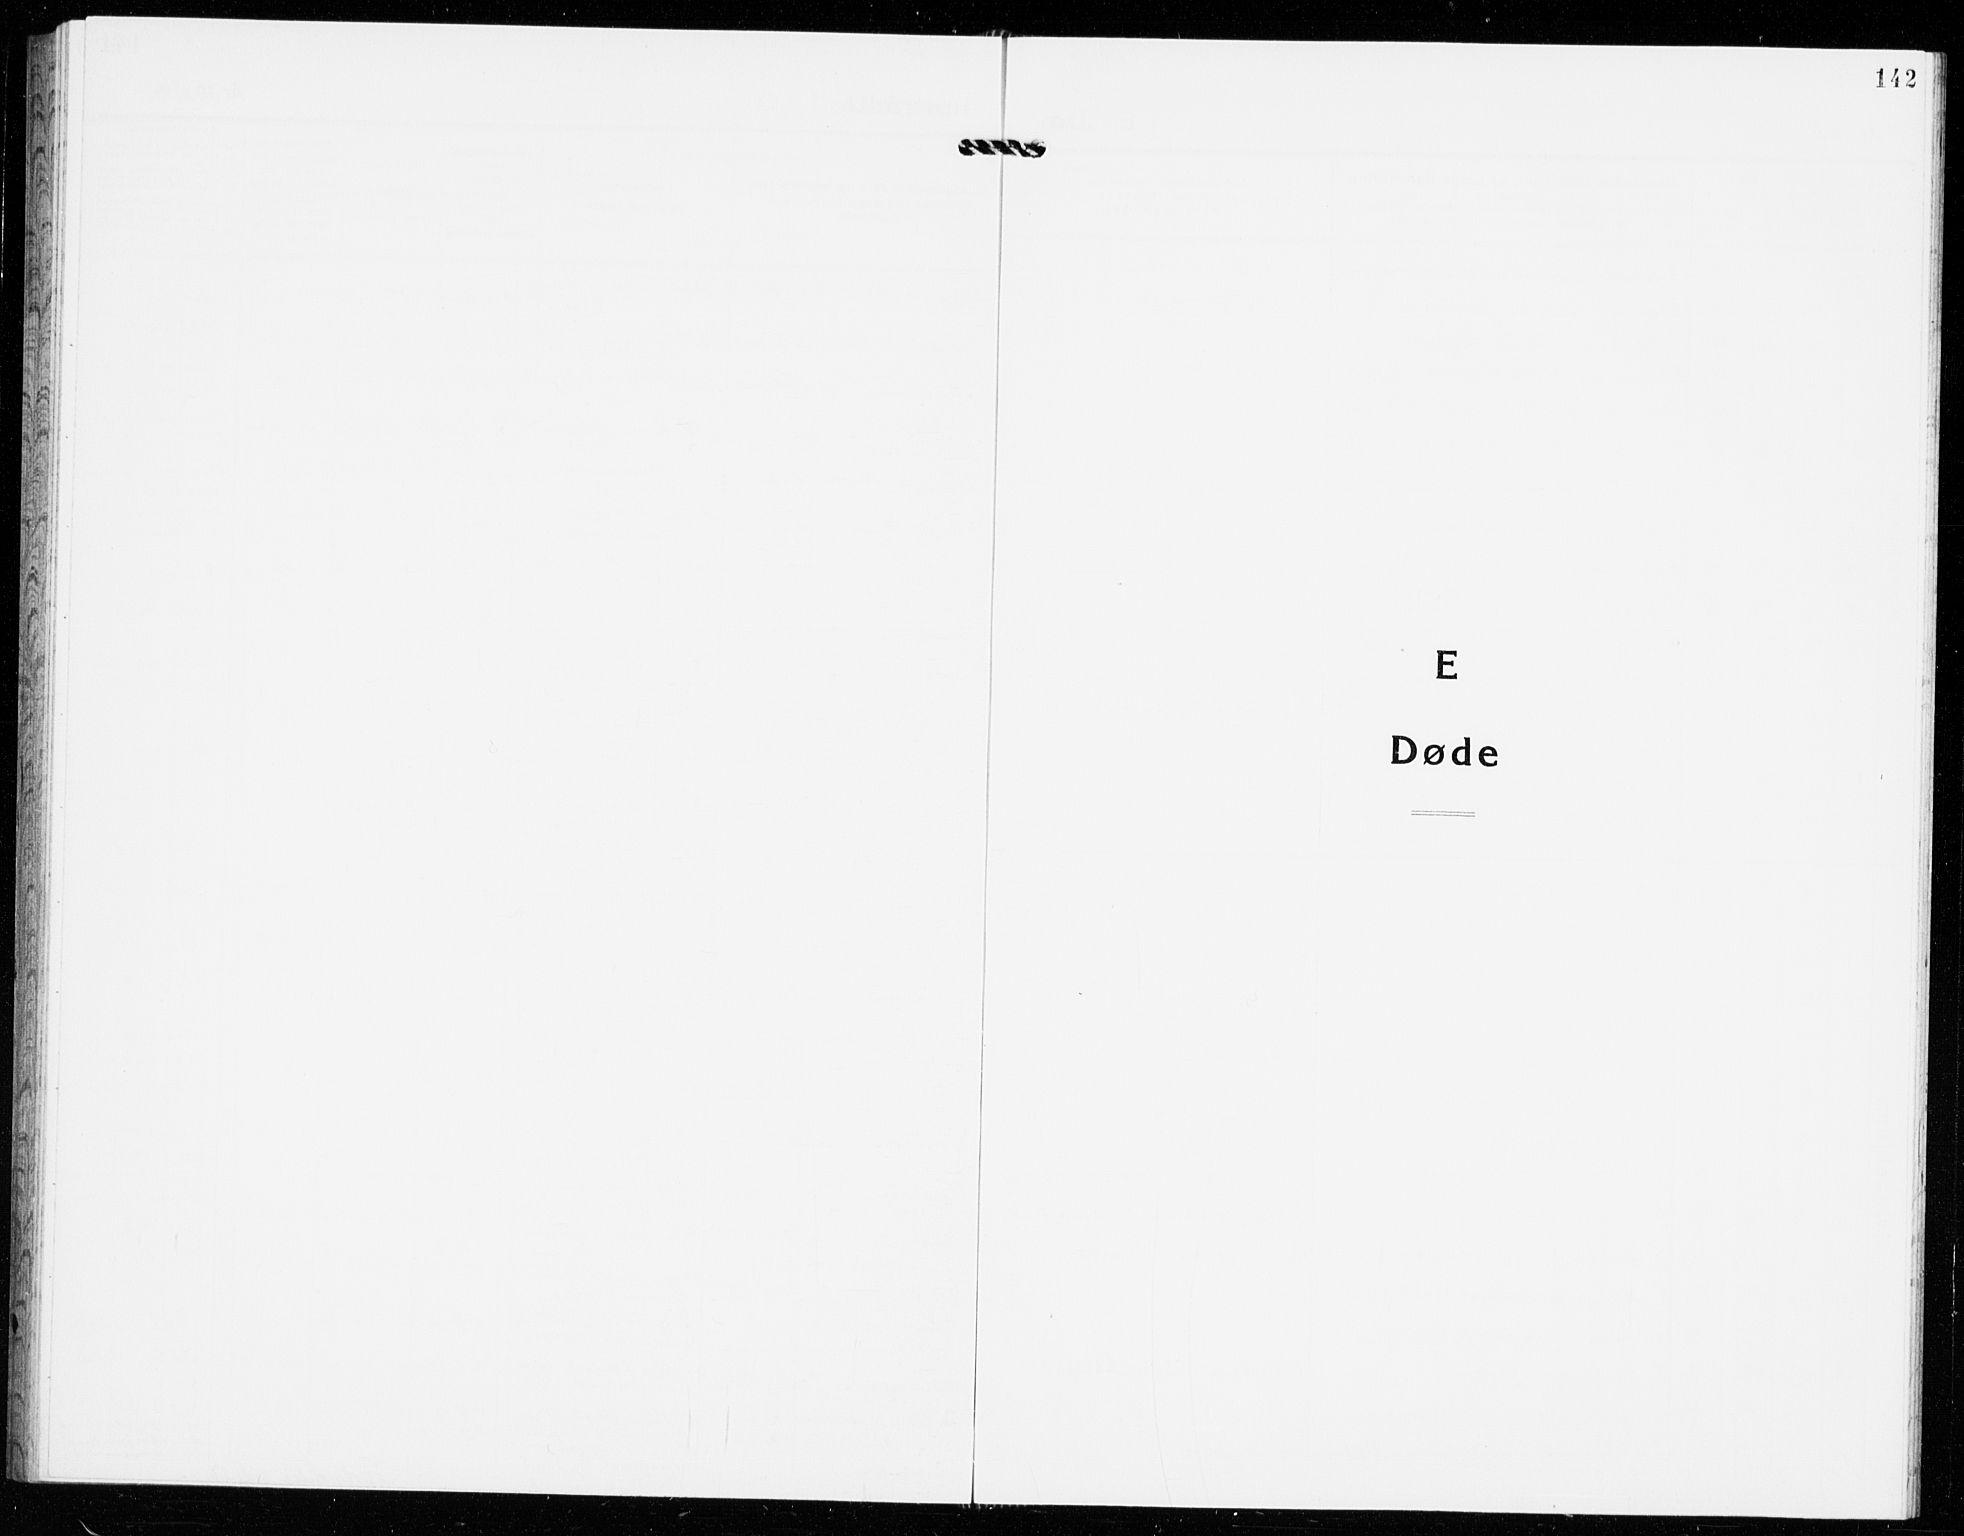 SAKO, Gjerpen kirkebøker, G/Ga/L0005: Klokkerbok nr. I 5, 1932-1940, s. 142